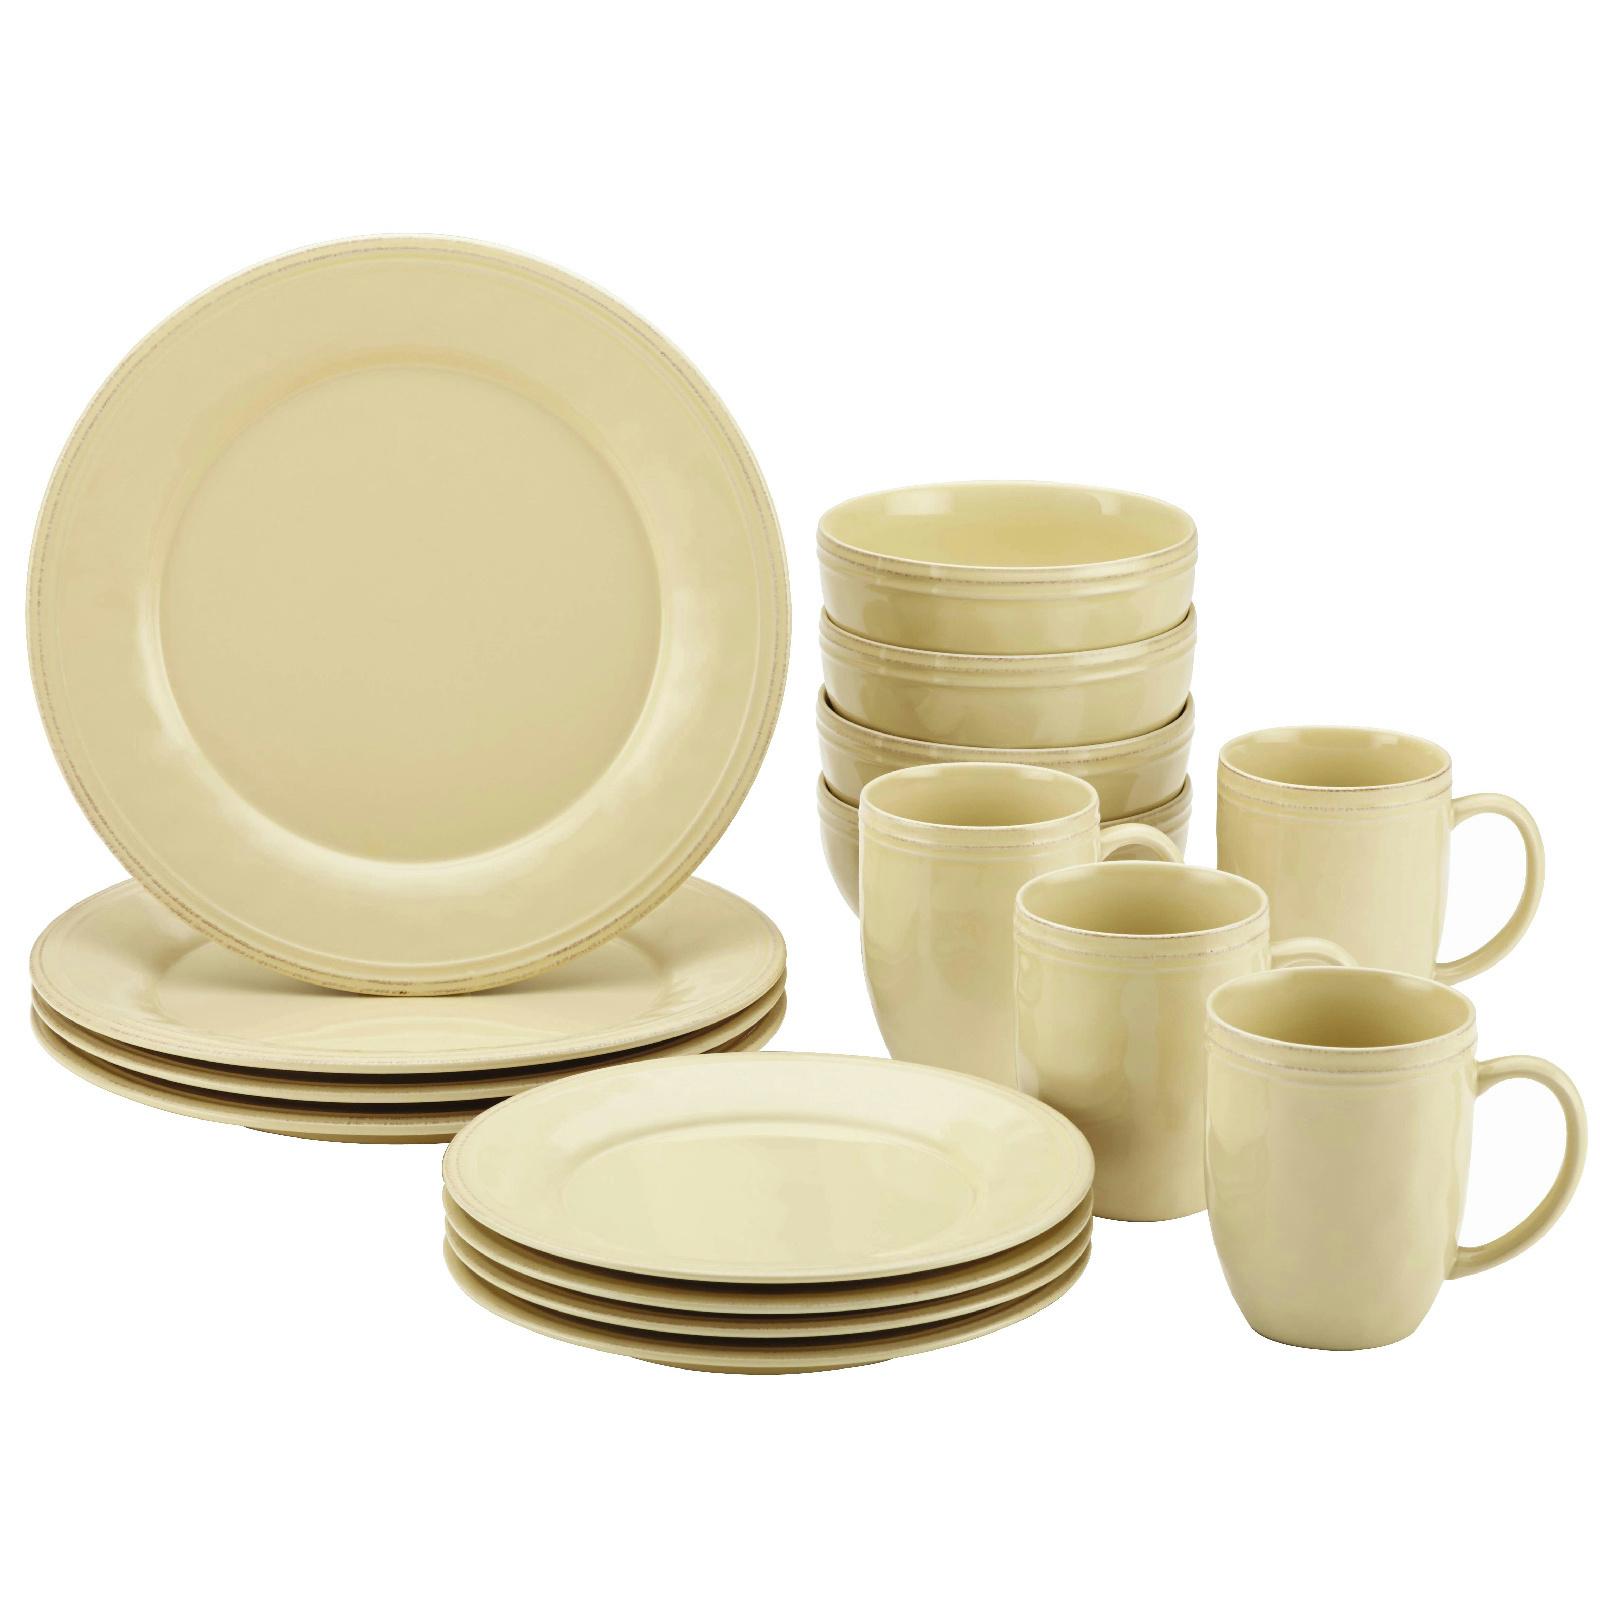 Rachael Ray Cucina 16 Piece Dinnerware Set Stoneware 8